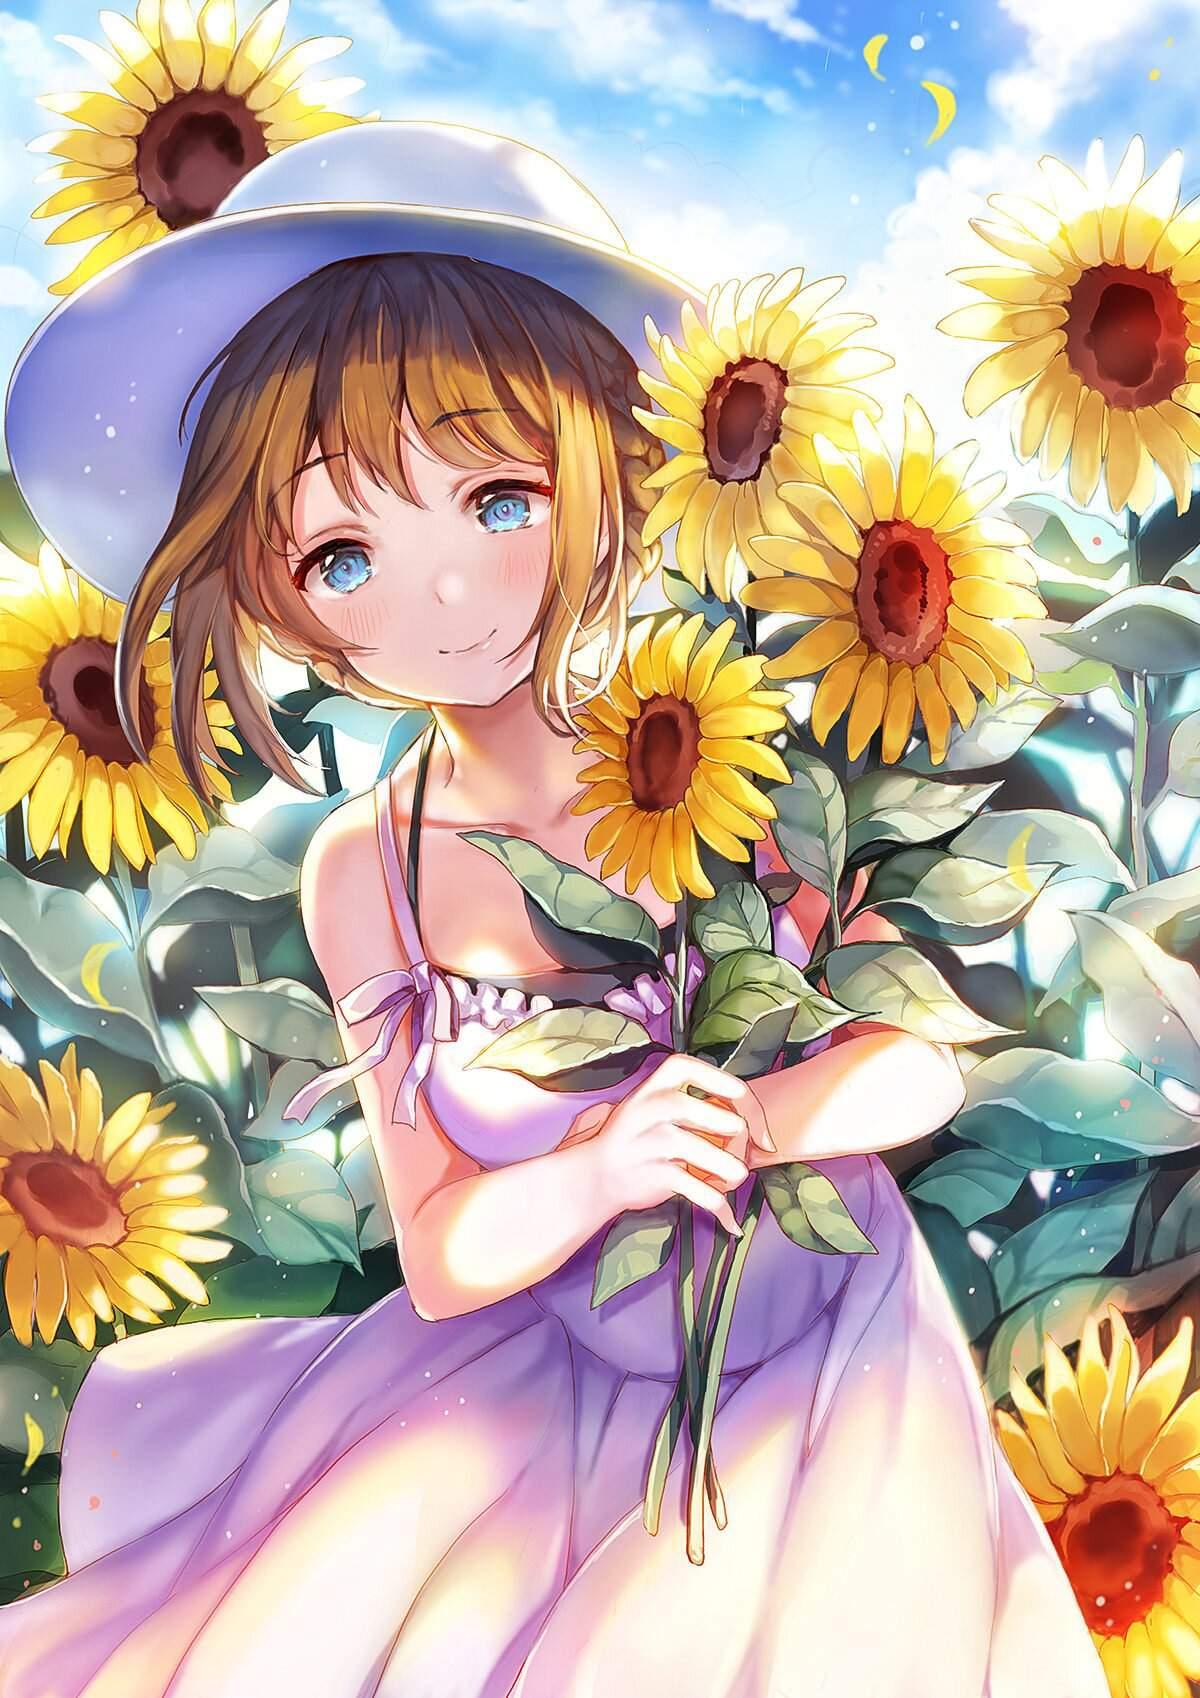 خطوات رسم فتاة صغيرة مع زهور دوار الشمس امبراطورية الأنمي Amino